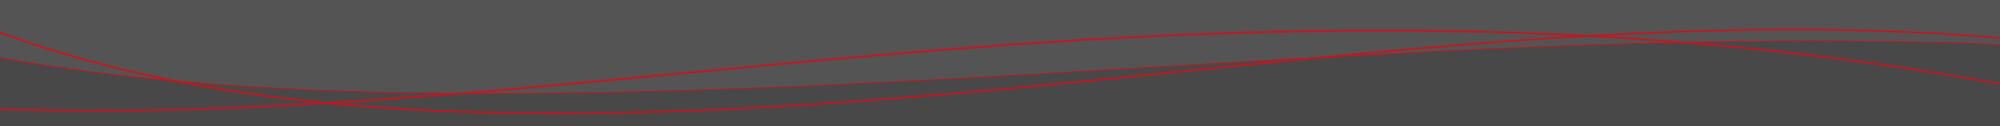 Séparateur vague rouge bas picto haut footer